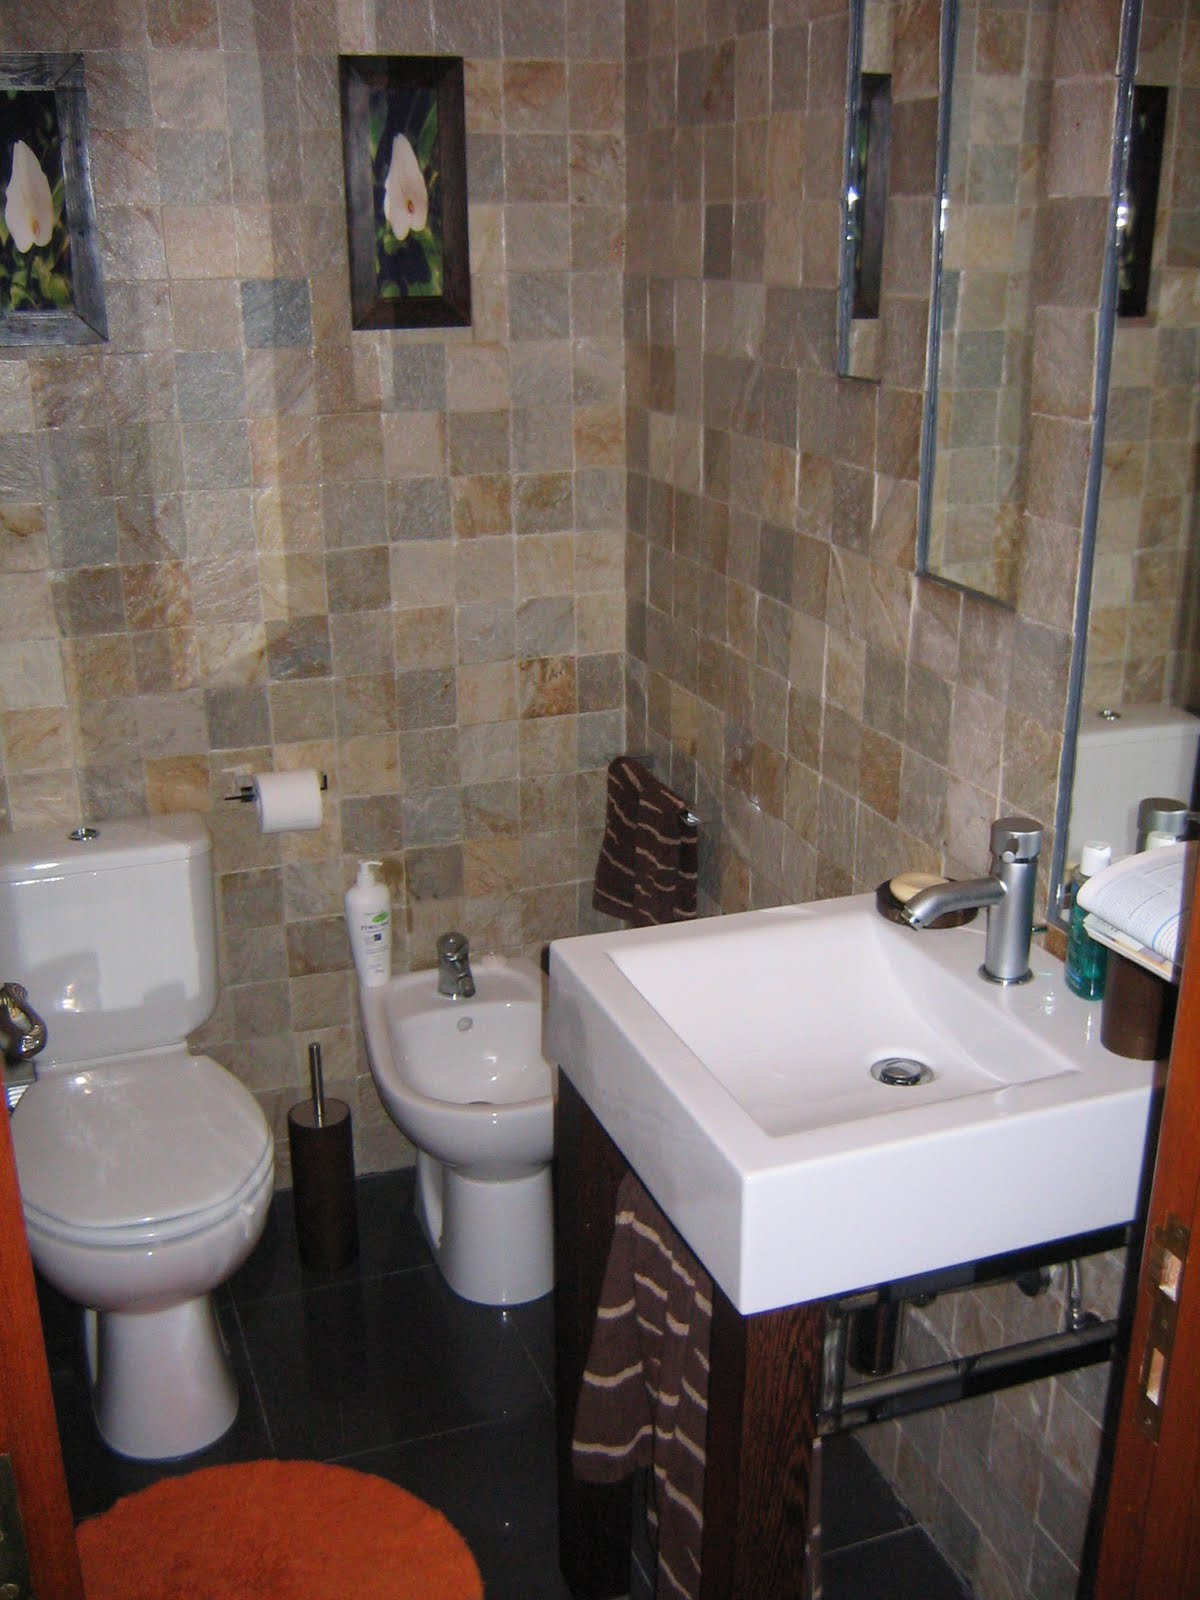 7ofícios: Remodelação de Casas de Banho #6B4132 1200 1600